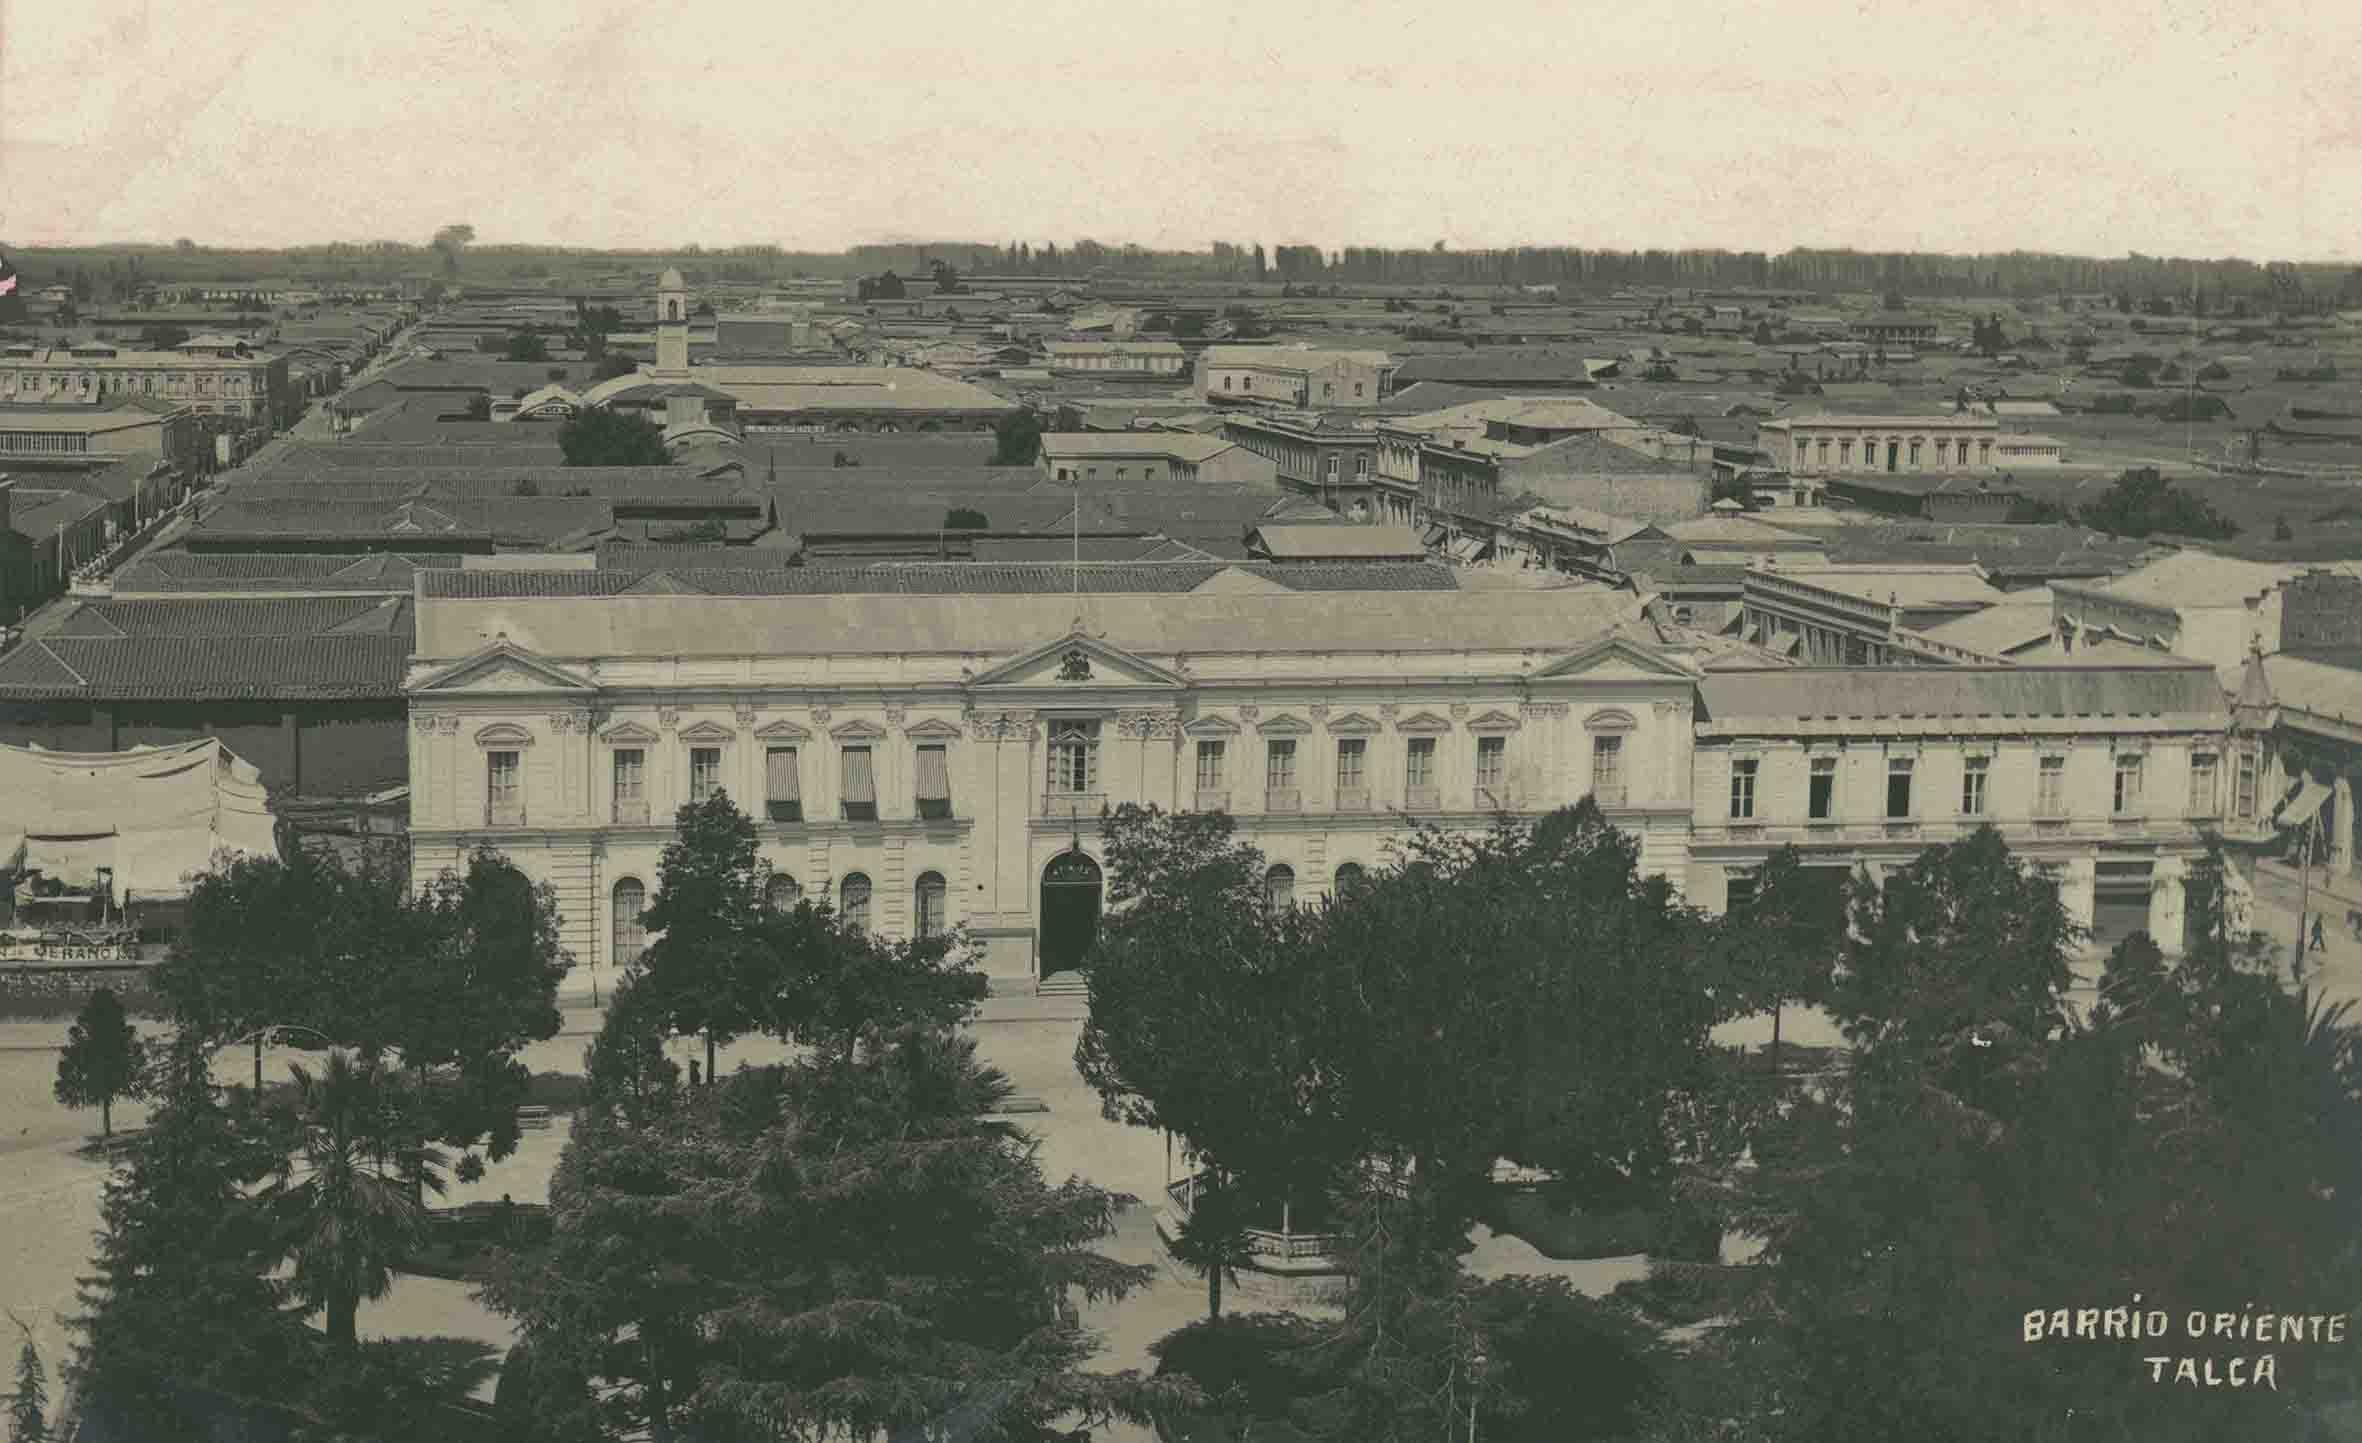 Enterreno - Fotos históricas de chile - fotos antiguas de Chile - Barrio oriente de Talca ca. 1920